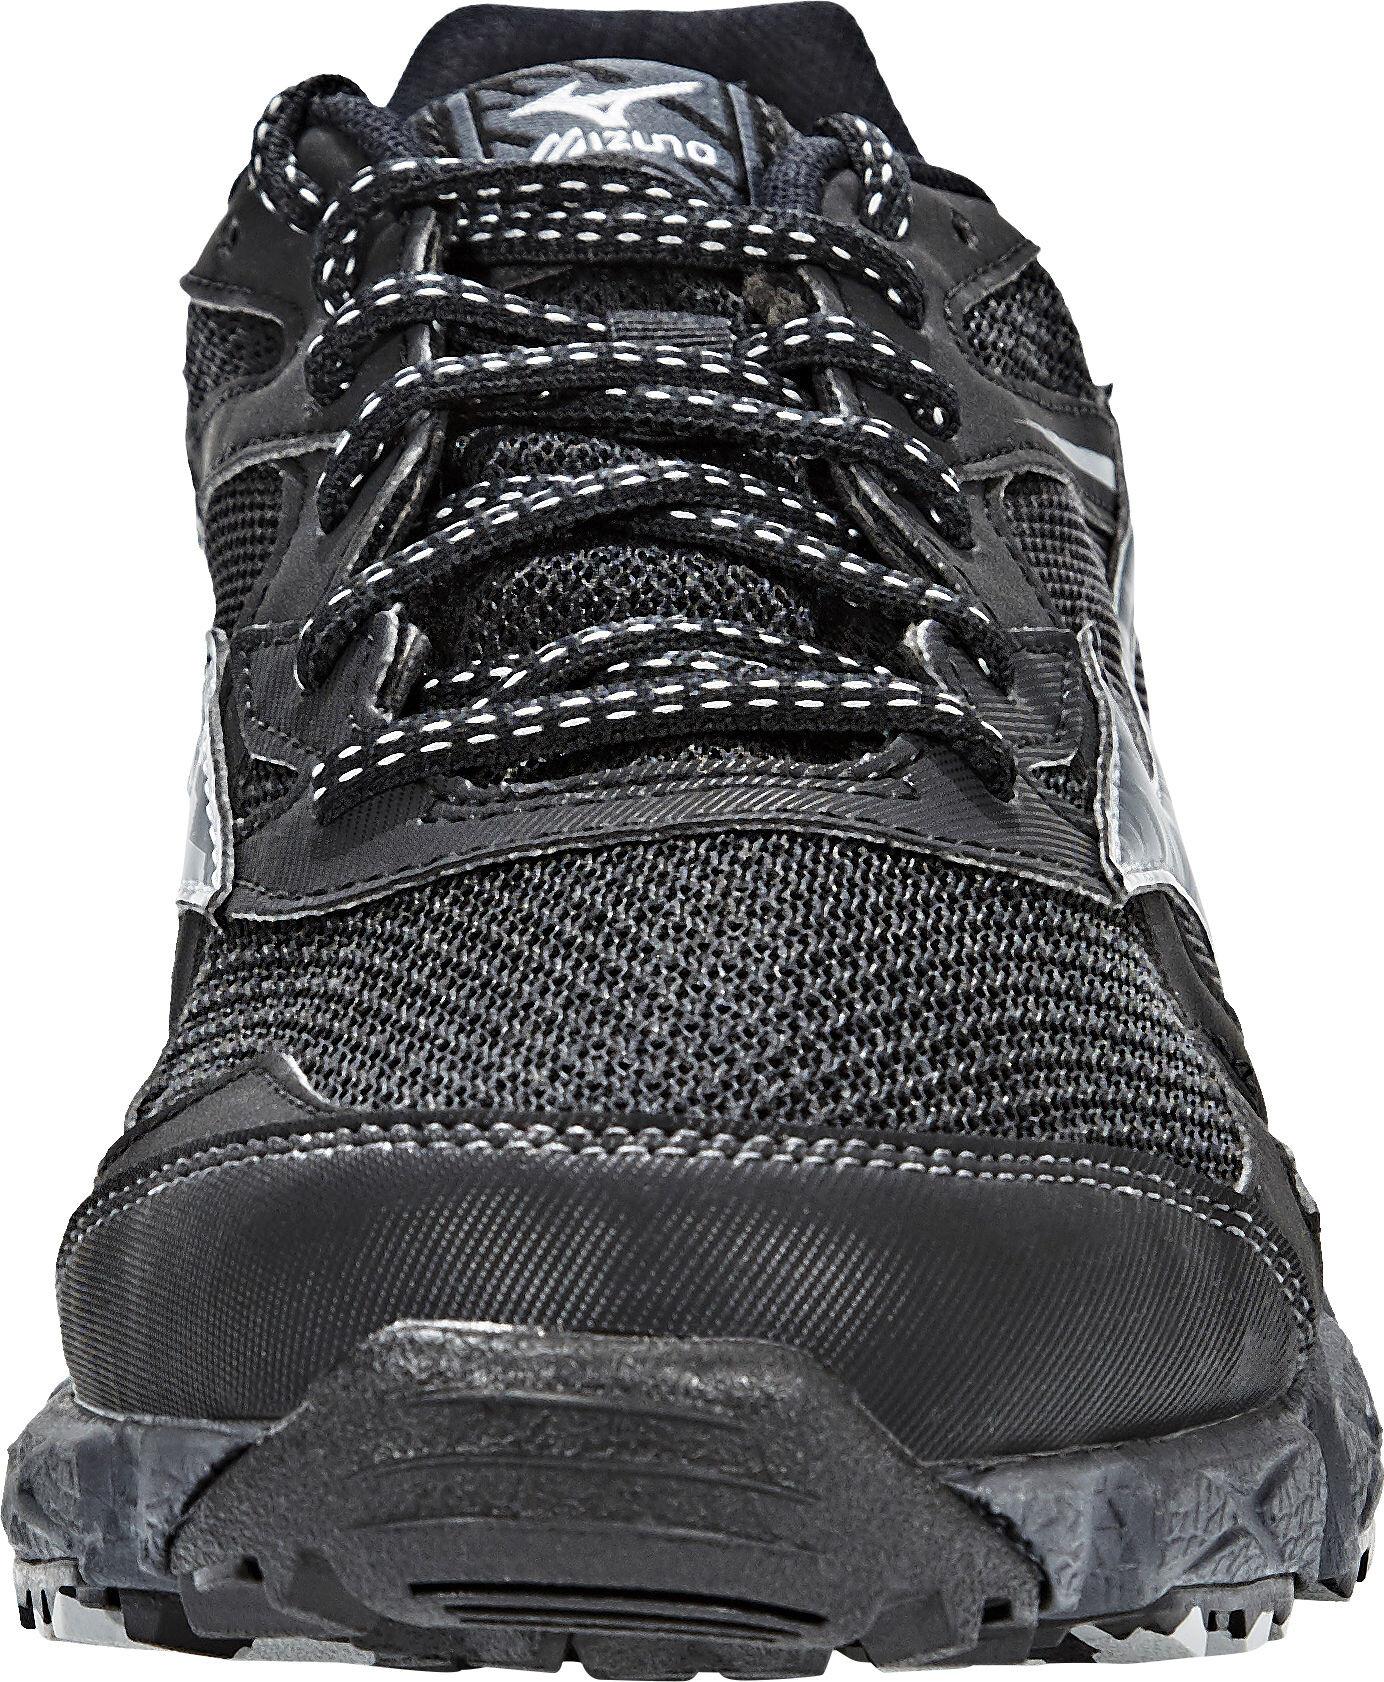 678e57a0c Mizuno Wave Kien 4 G-TX scarpe da corsa Uomo grigio/nero su Addnature